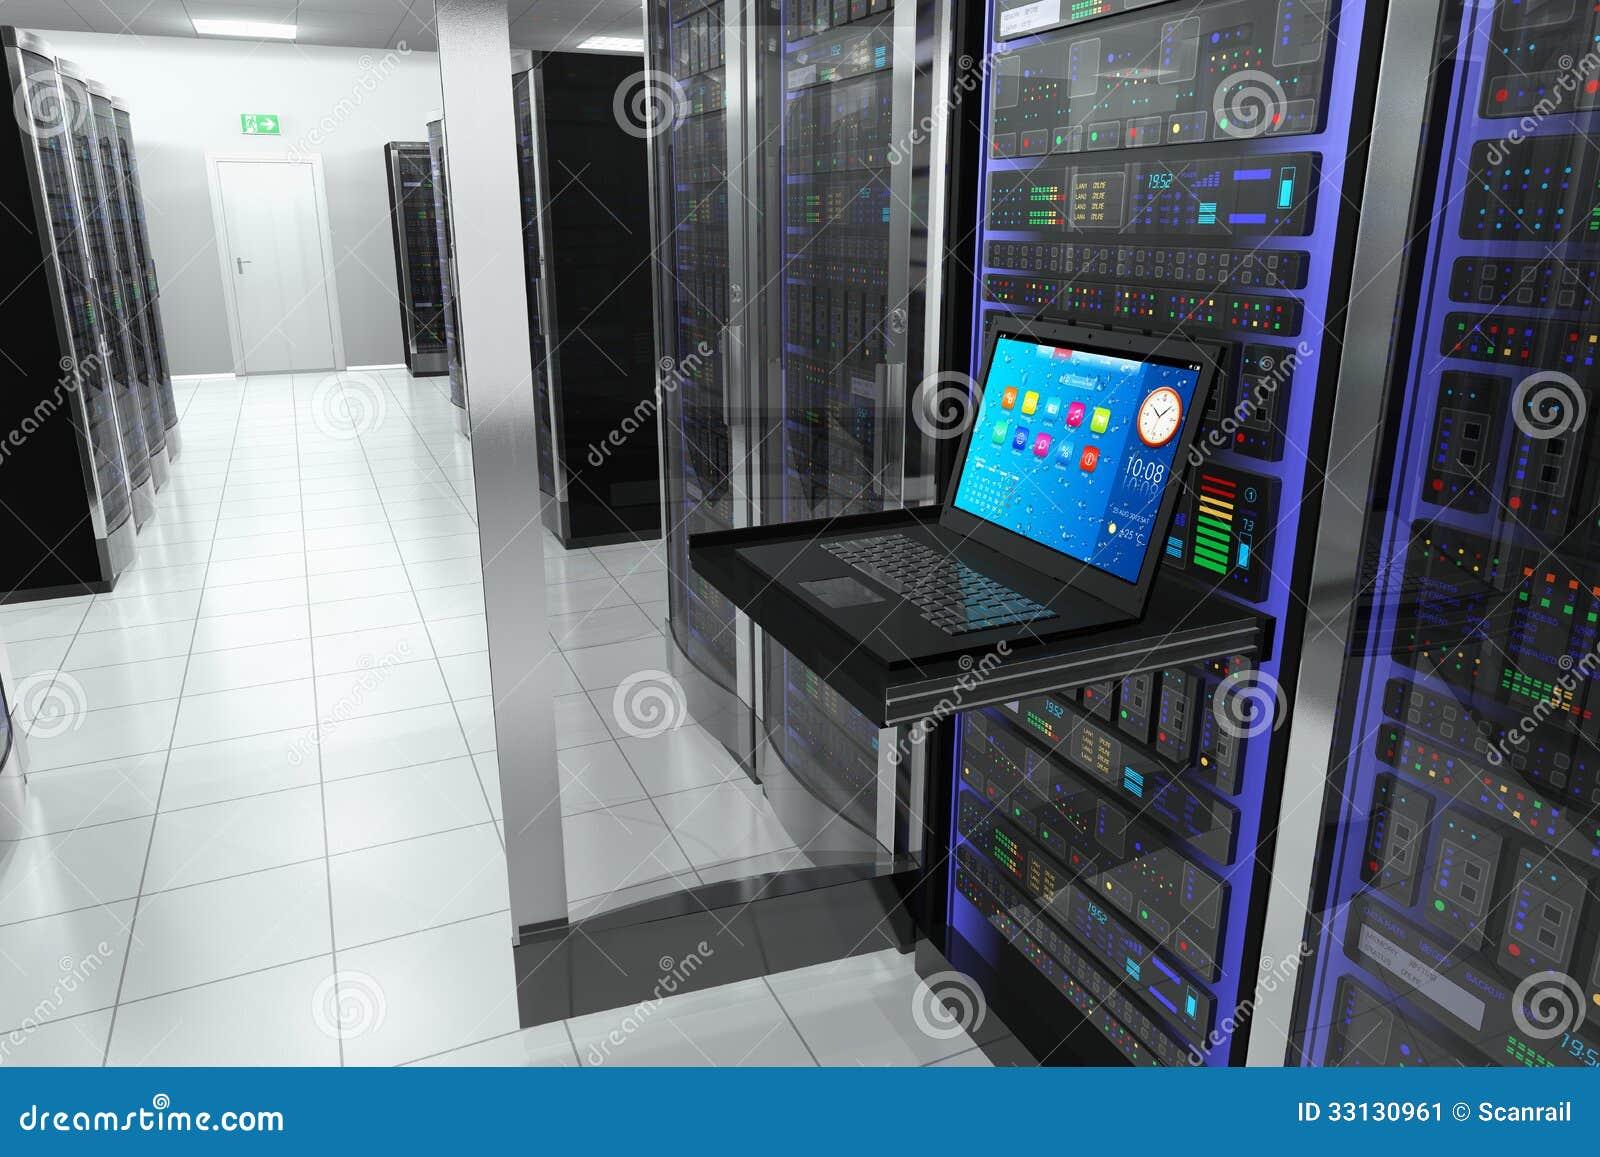 Server Room Design Plan